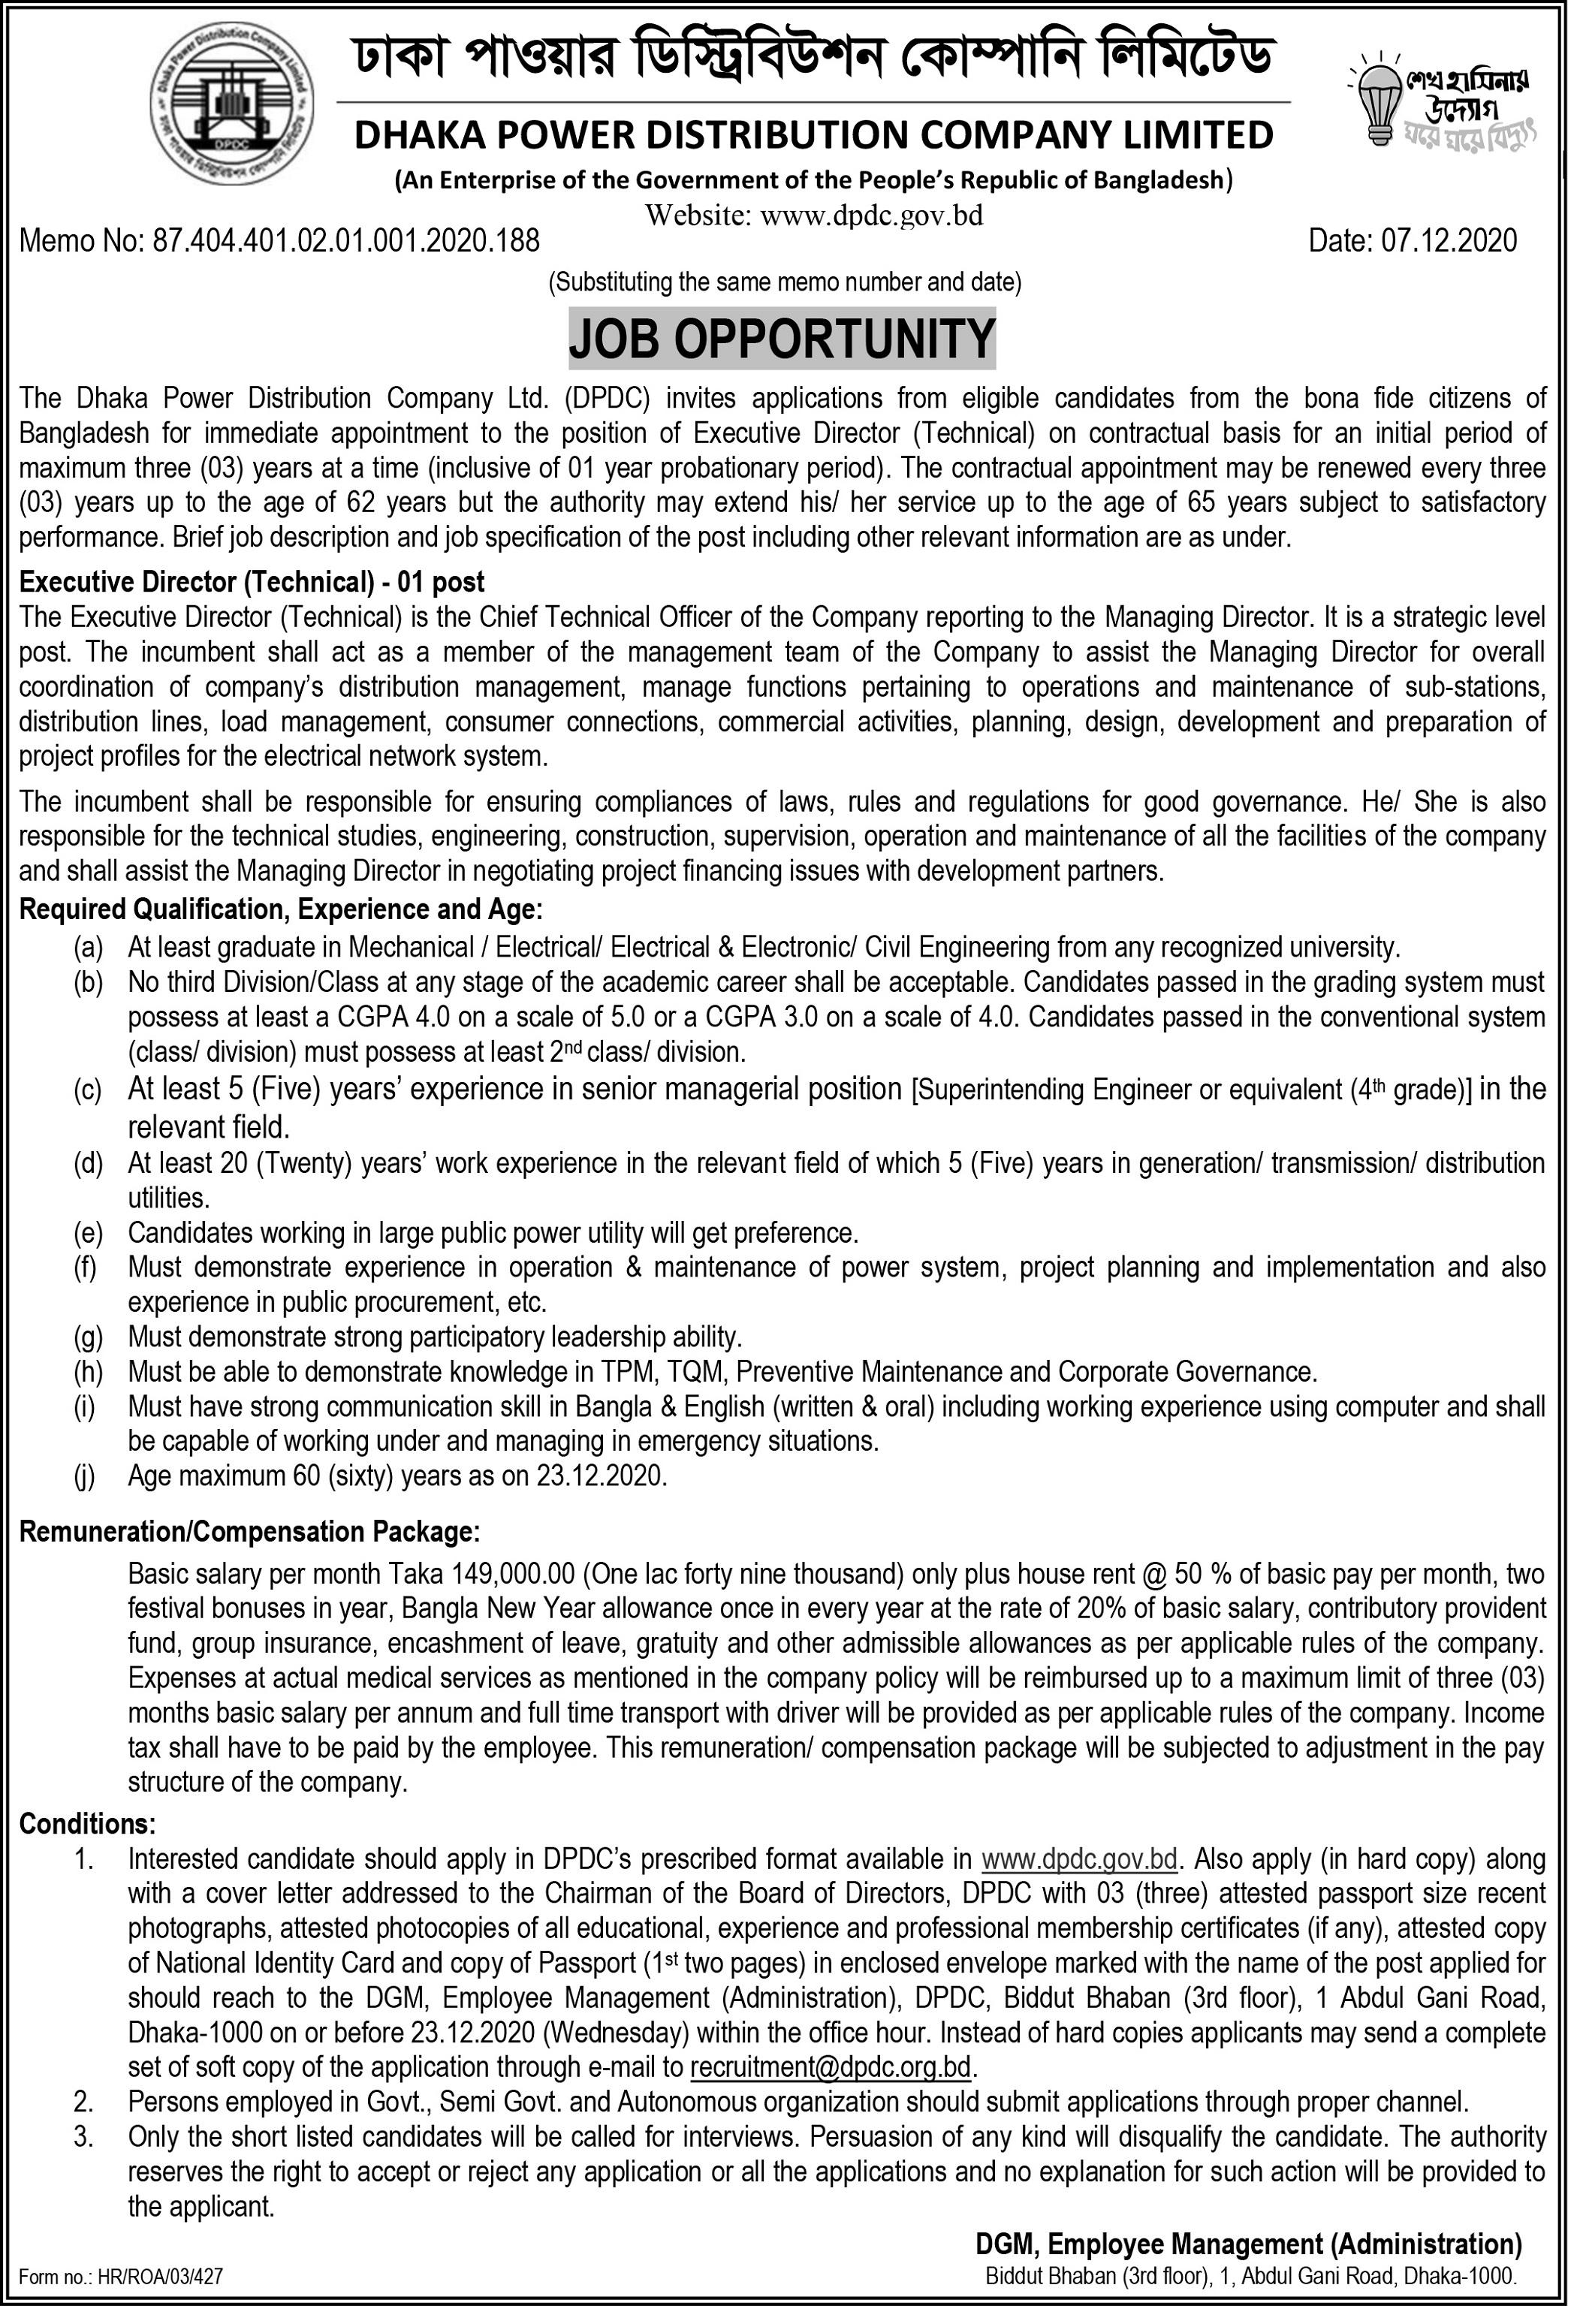 dhaka-power-distribution-company-ltd-job-circular-2020-2